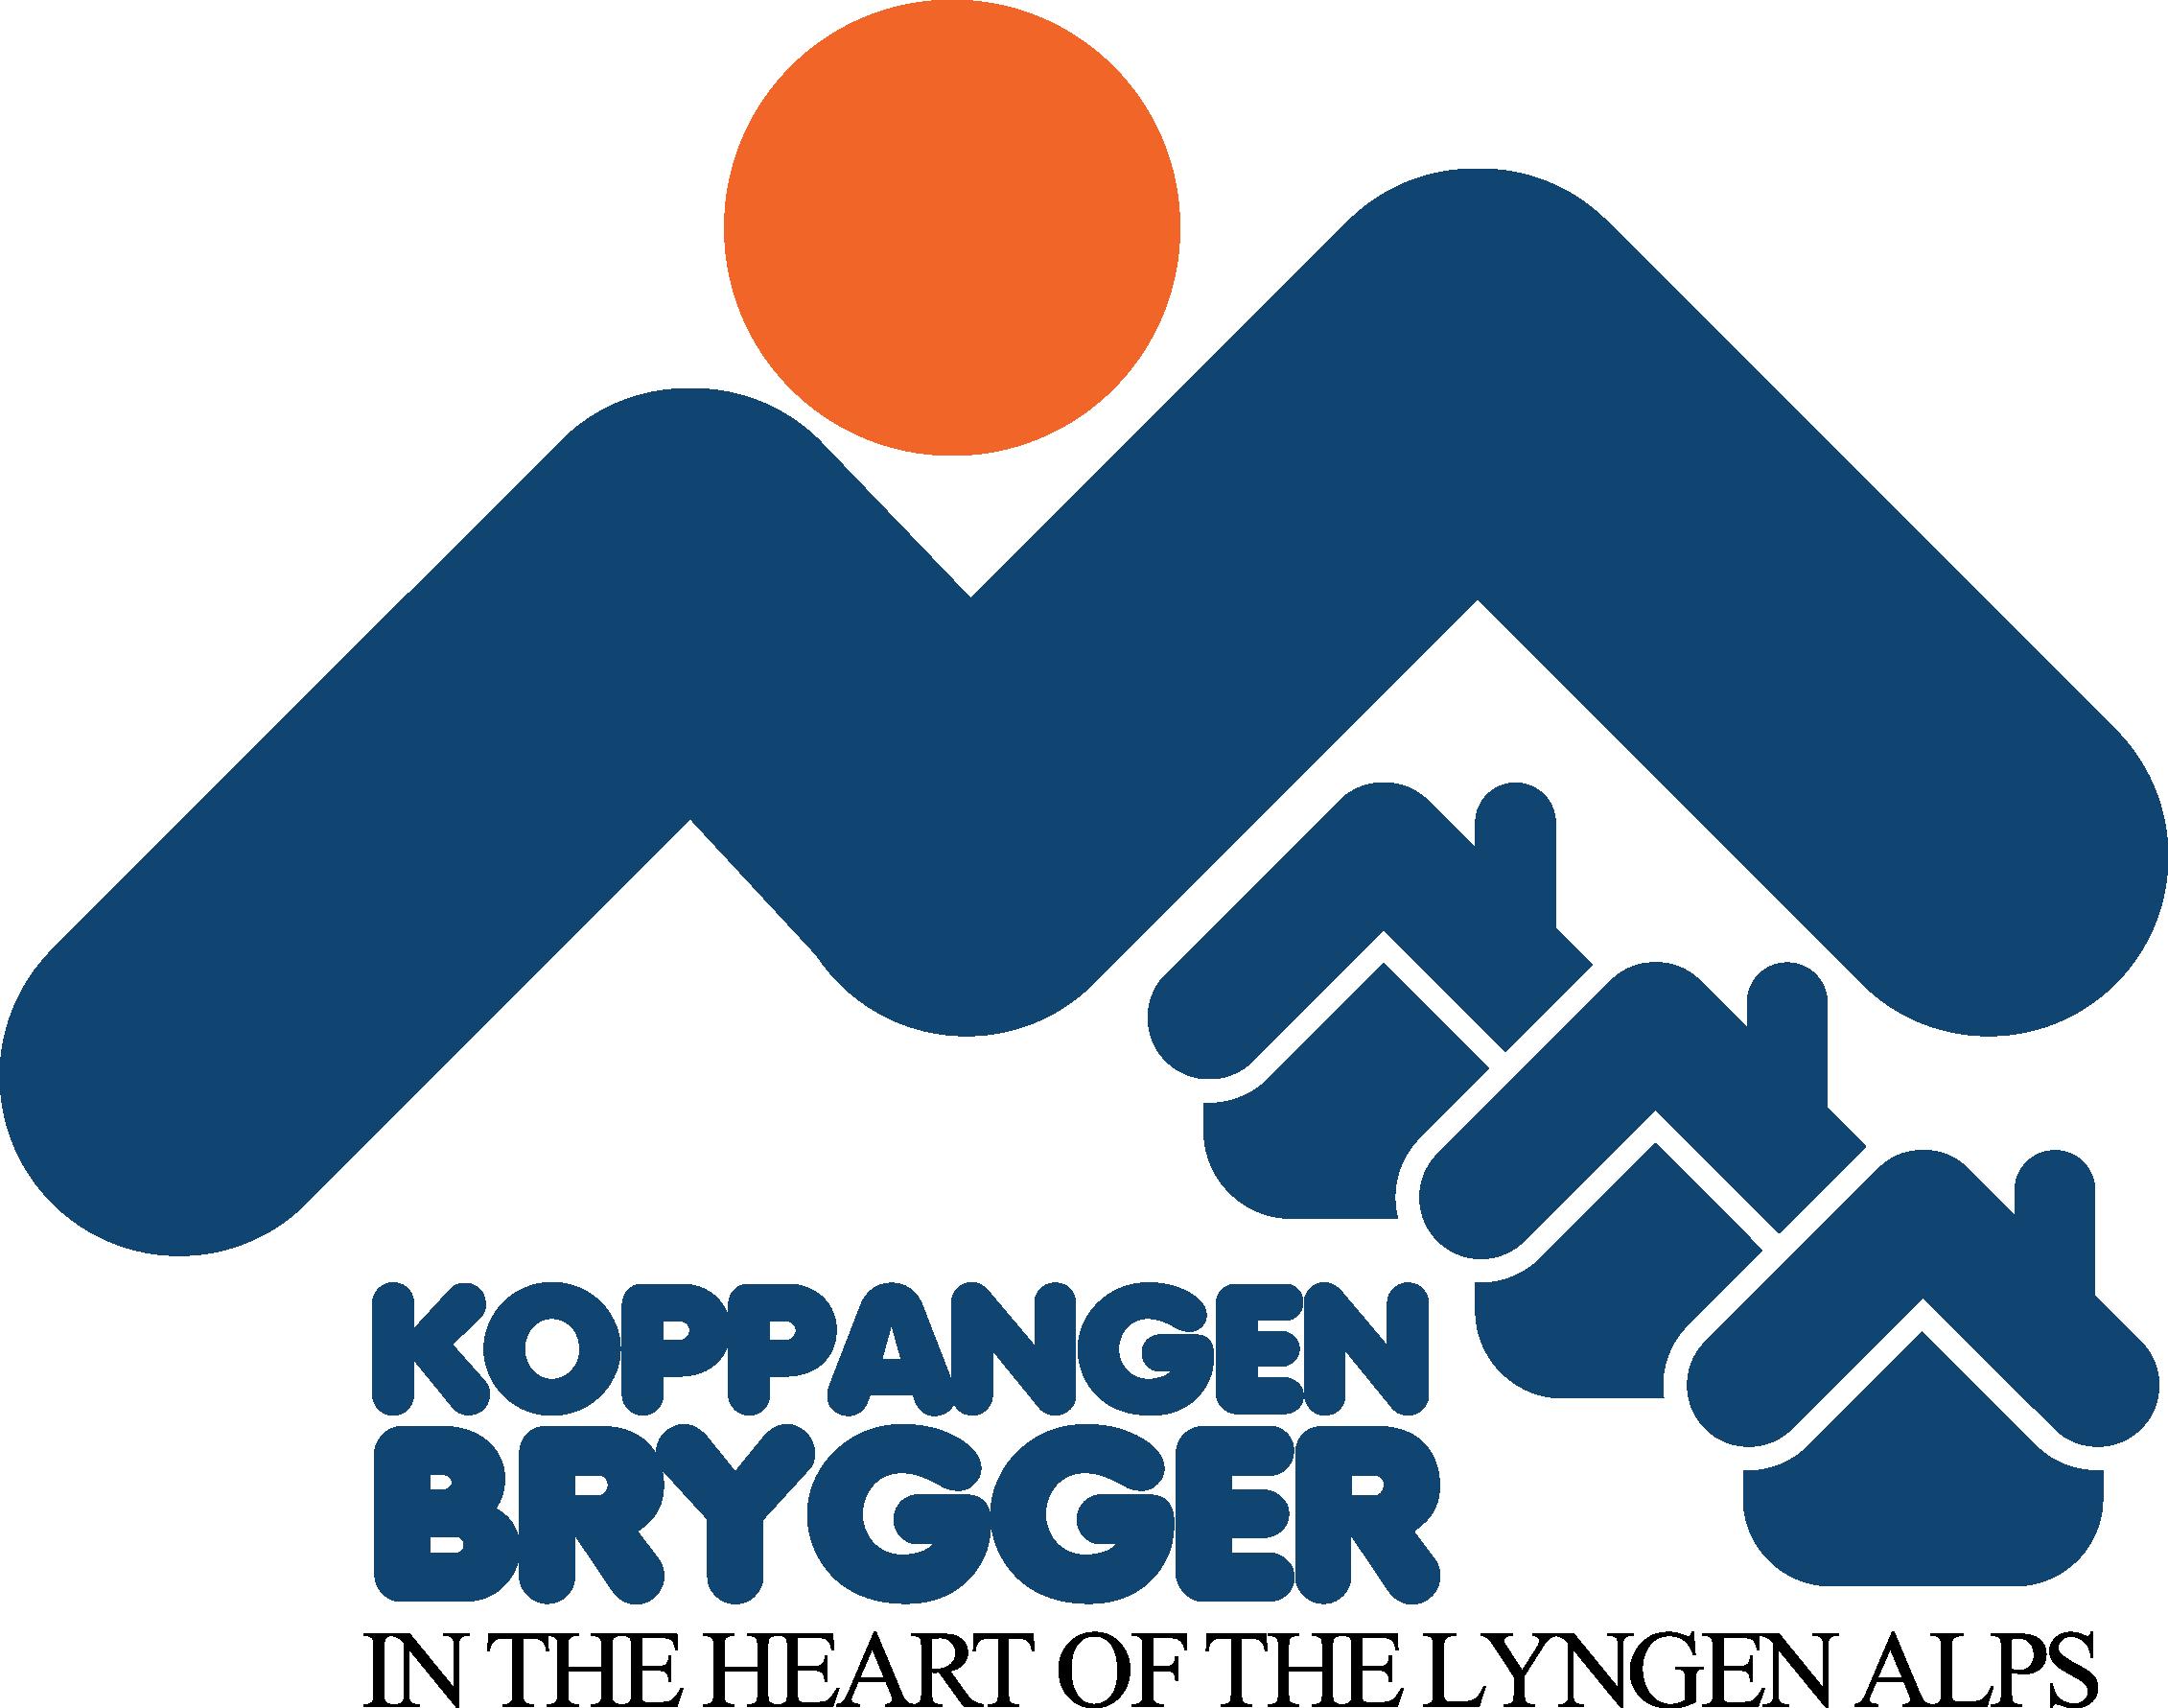 Koppangen Brygger